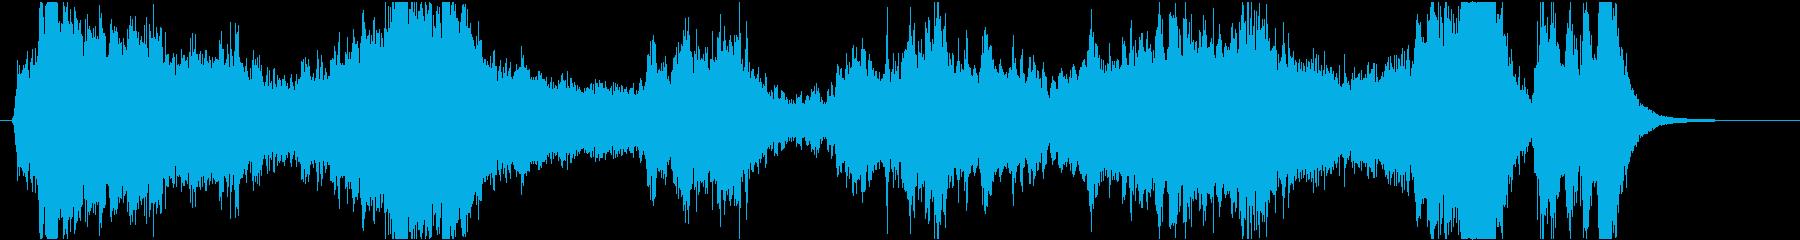 映画風わくわくするオーケストラCM曲の再生済みの波形